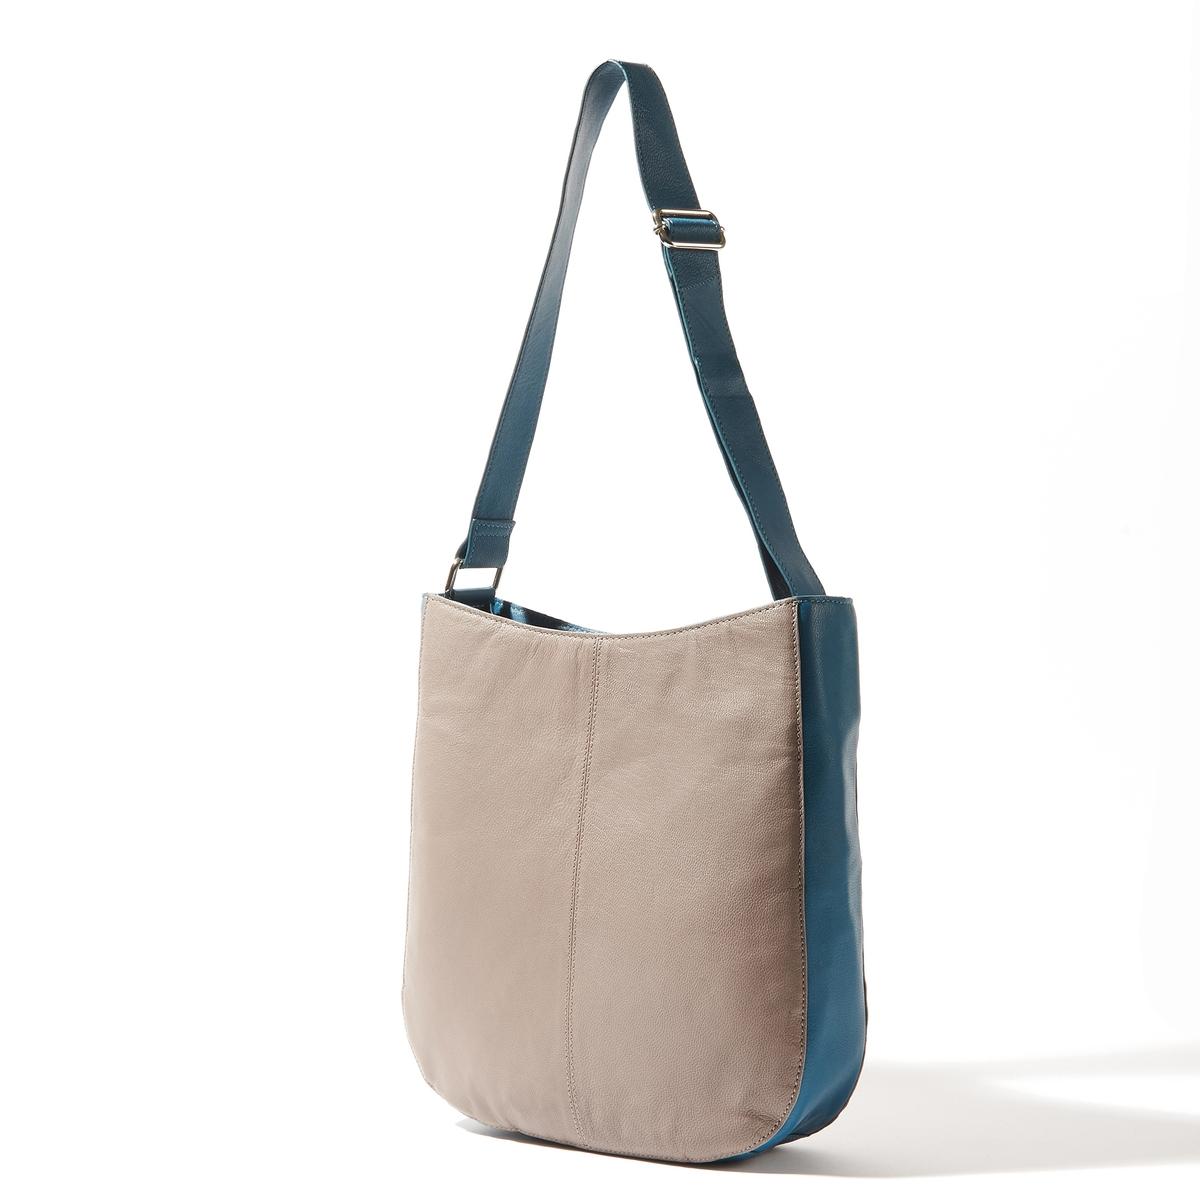 Сумка кожанаяКожаная двухцветная сумка, R essentiels.Практичная и модная сумка контрастных цветов. Состав и описаниеМатериал : верх из козьей кожи                  подкладка из текстиляМарка : R essentiels.Размеры :  Ш35 x В32 x 5,5 смЗастежка : молнияМожно носить через плечо.2 кармана для мобильных1 карман на молнииРегулируемый ремень.<br><br>Цвет: красный/темно-бежевый,сине-серый<br>Размер: единый размер.единый размер